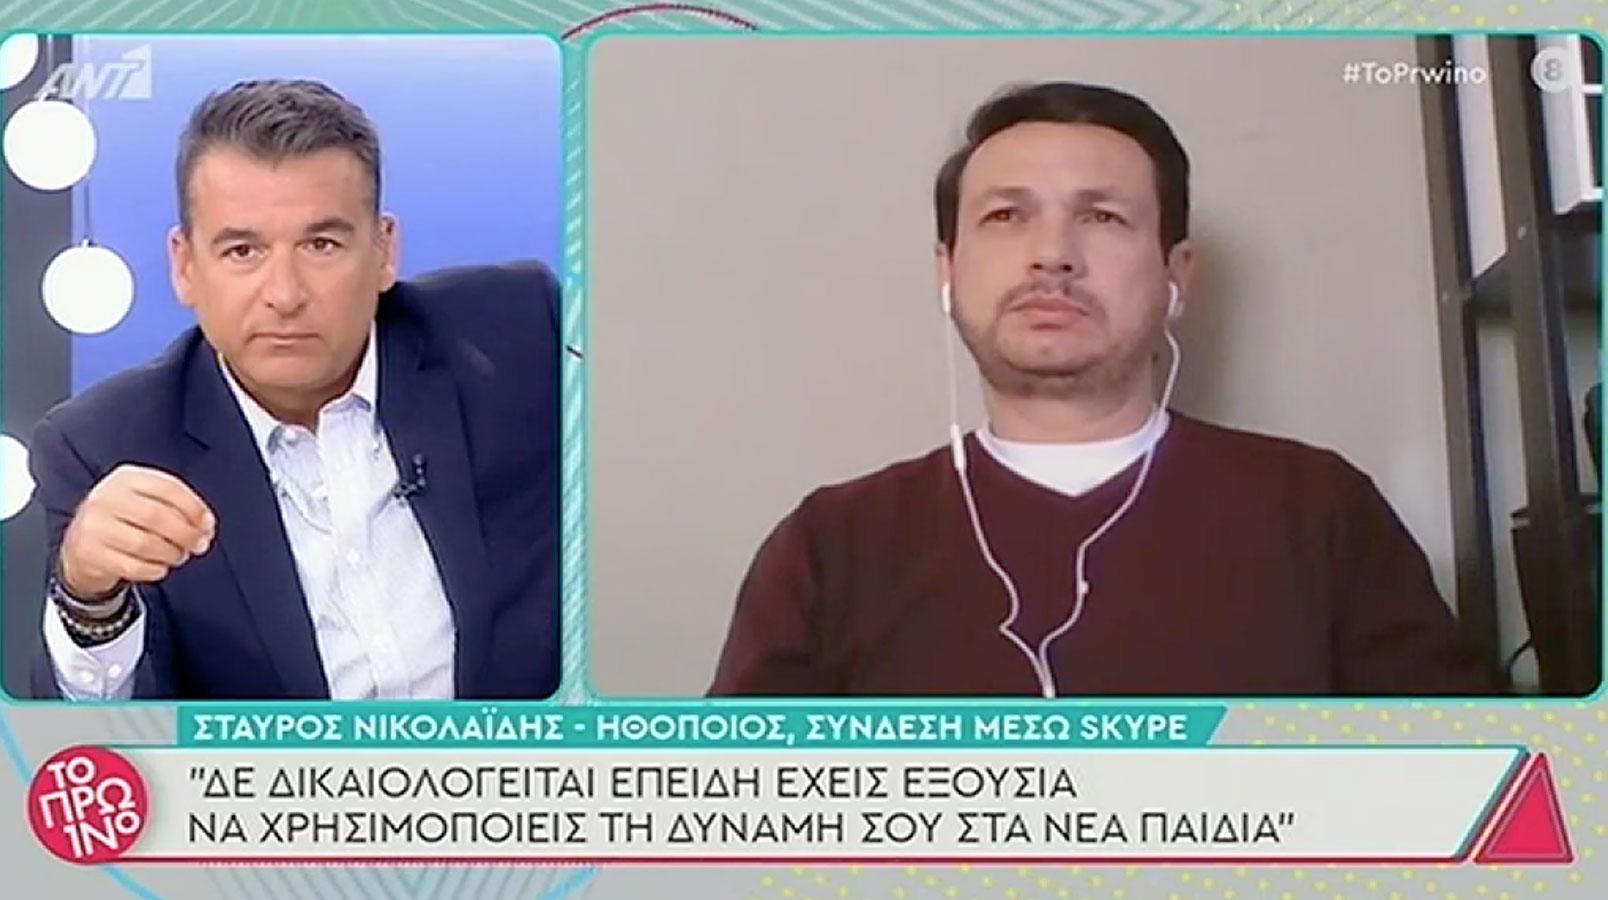 Τους «πάγωσε» ο Γιώργος Λιάγκας: Δέχτηκα σεξουαλική επίθεση από βουλευτή (video)